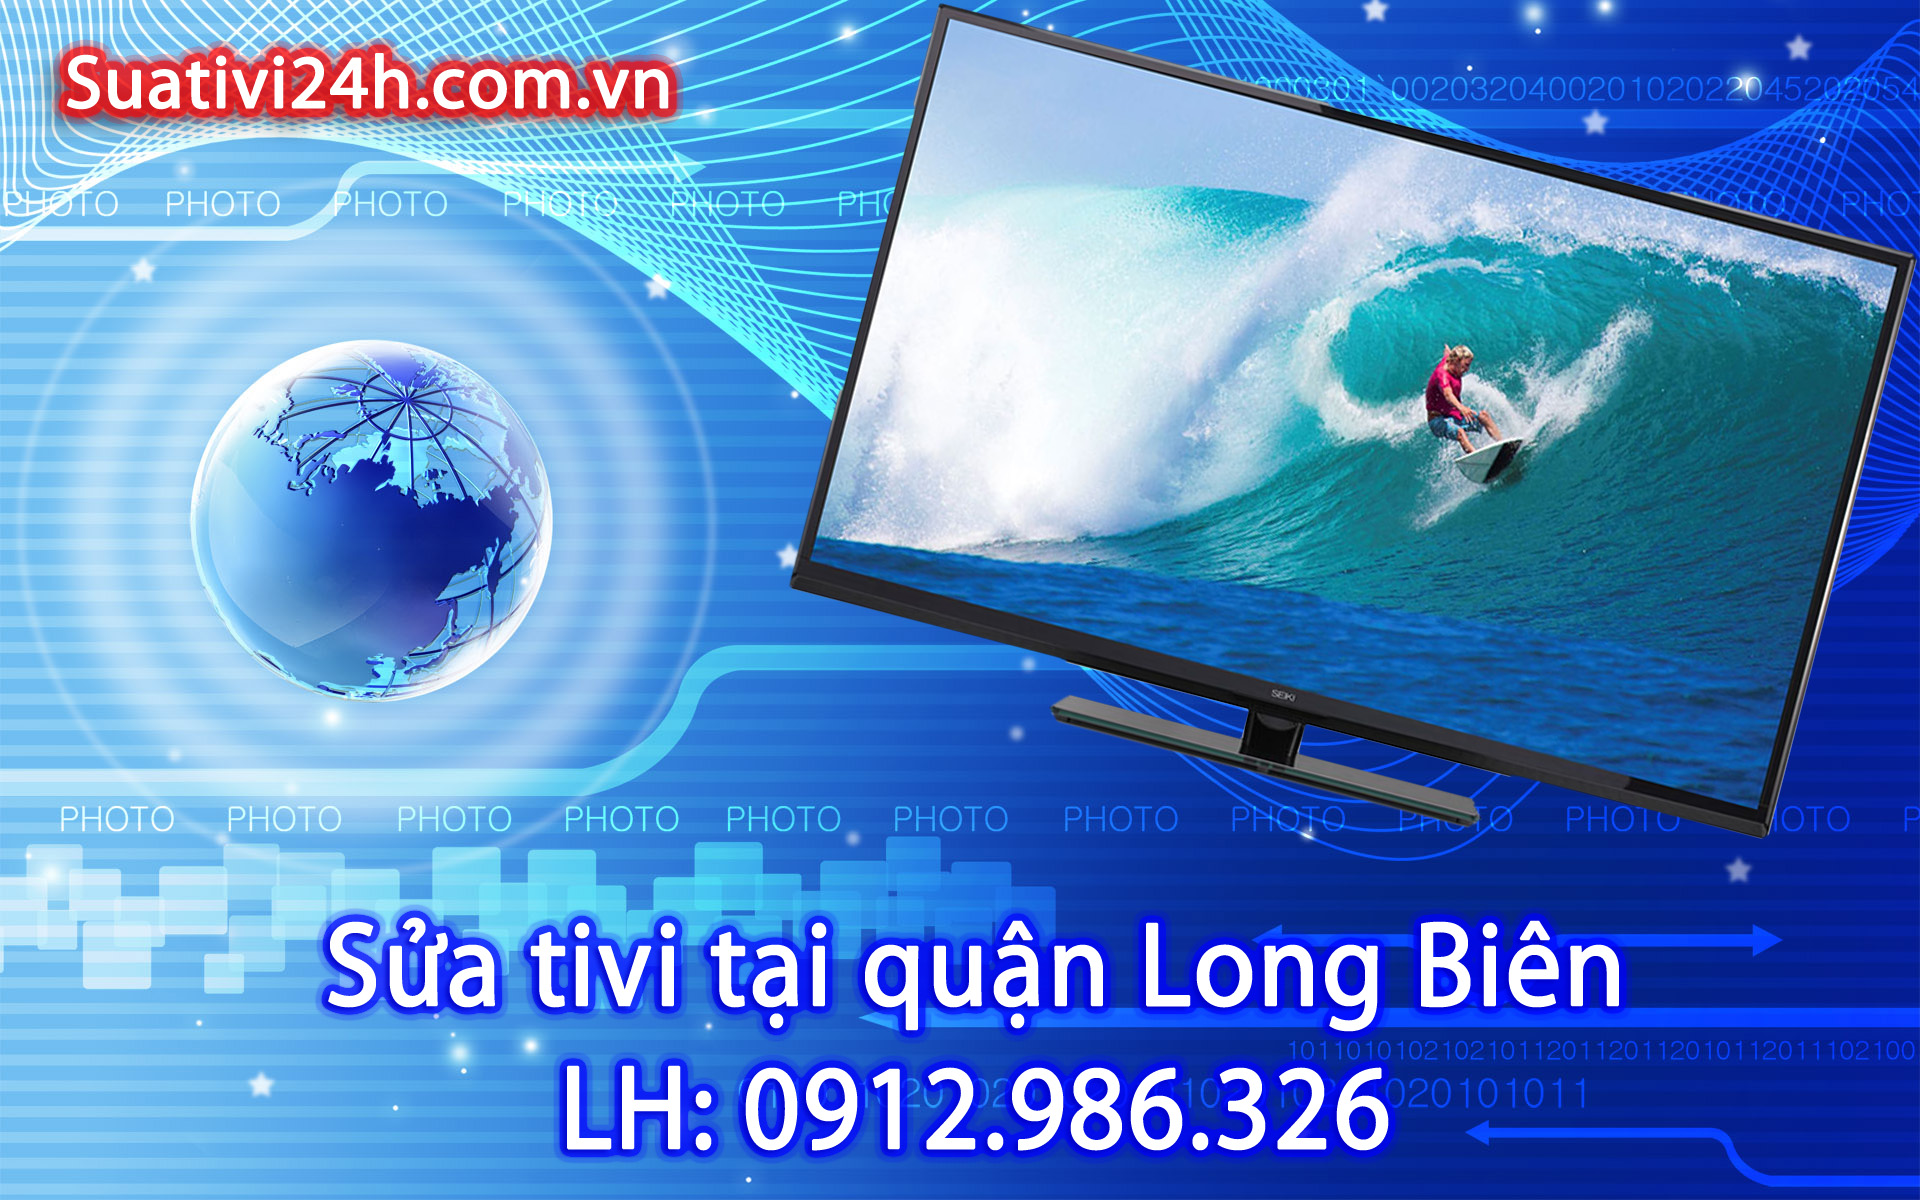 Sửa chữa tivi tại nhà quận Long Biên